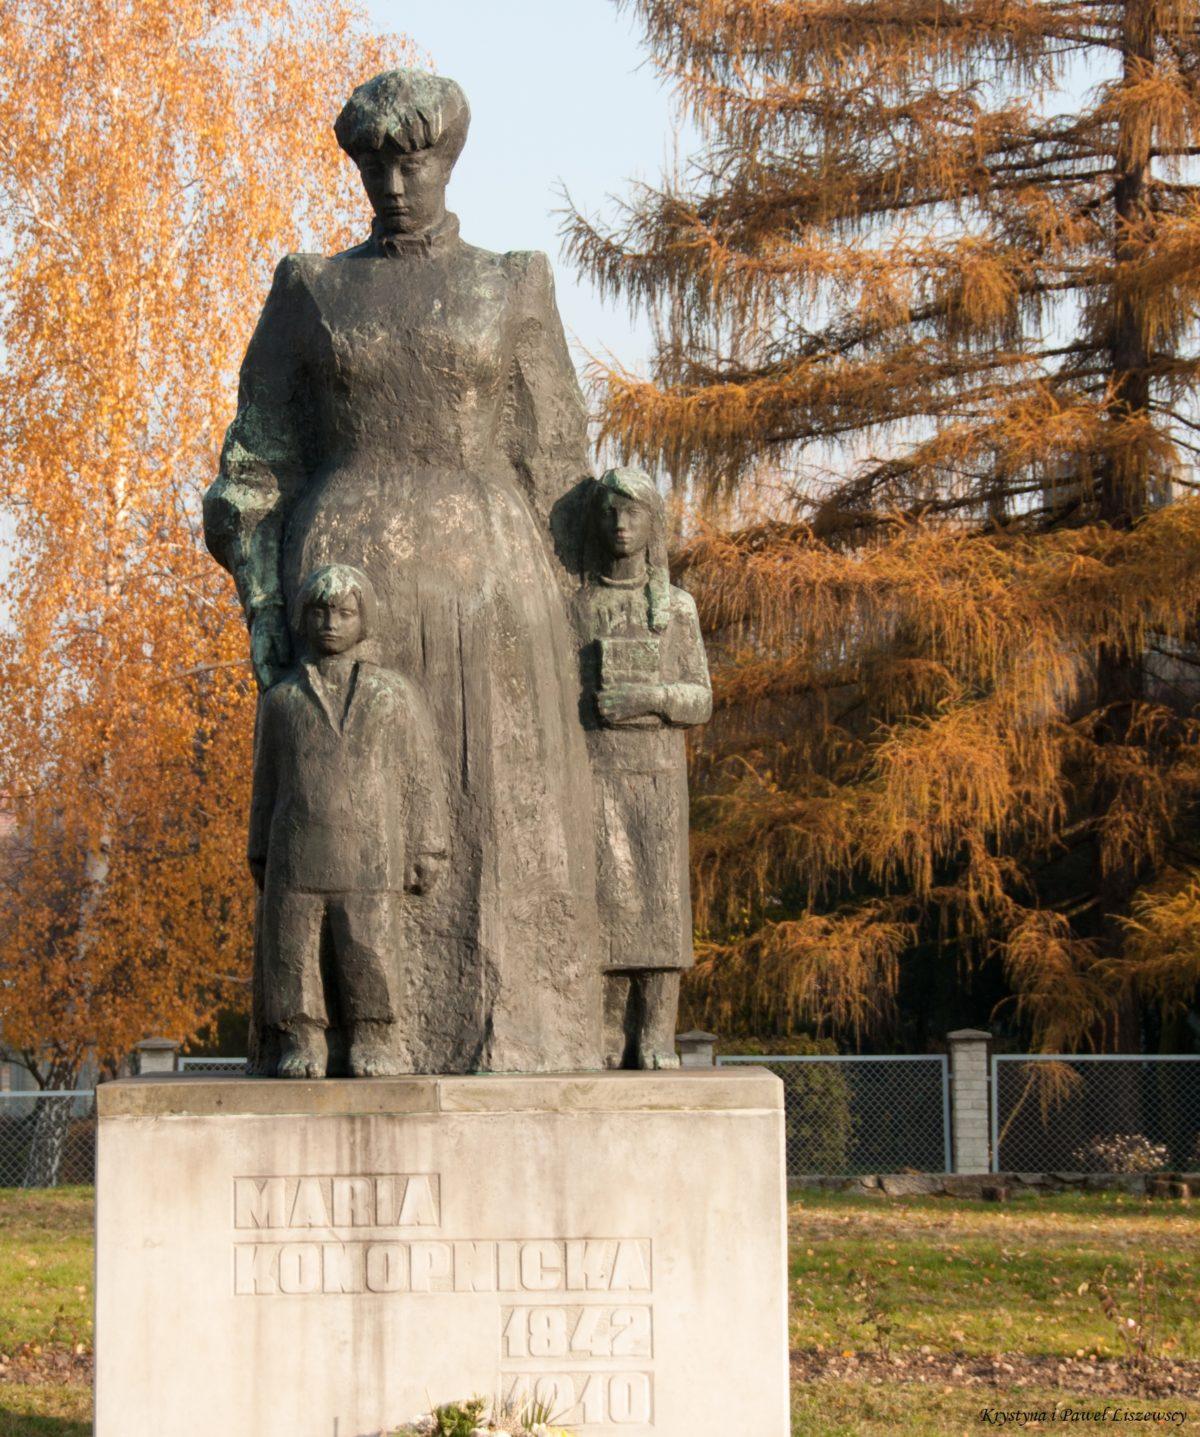 23 maja 1842 w Suwałkach urodziła się Maria Konopnicka – poetka, pisarka, nowelistka, emancypantka, krytyk, publicystka, tłumaczka, patriotka, z Kaliszem związana od 1849 roku